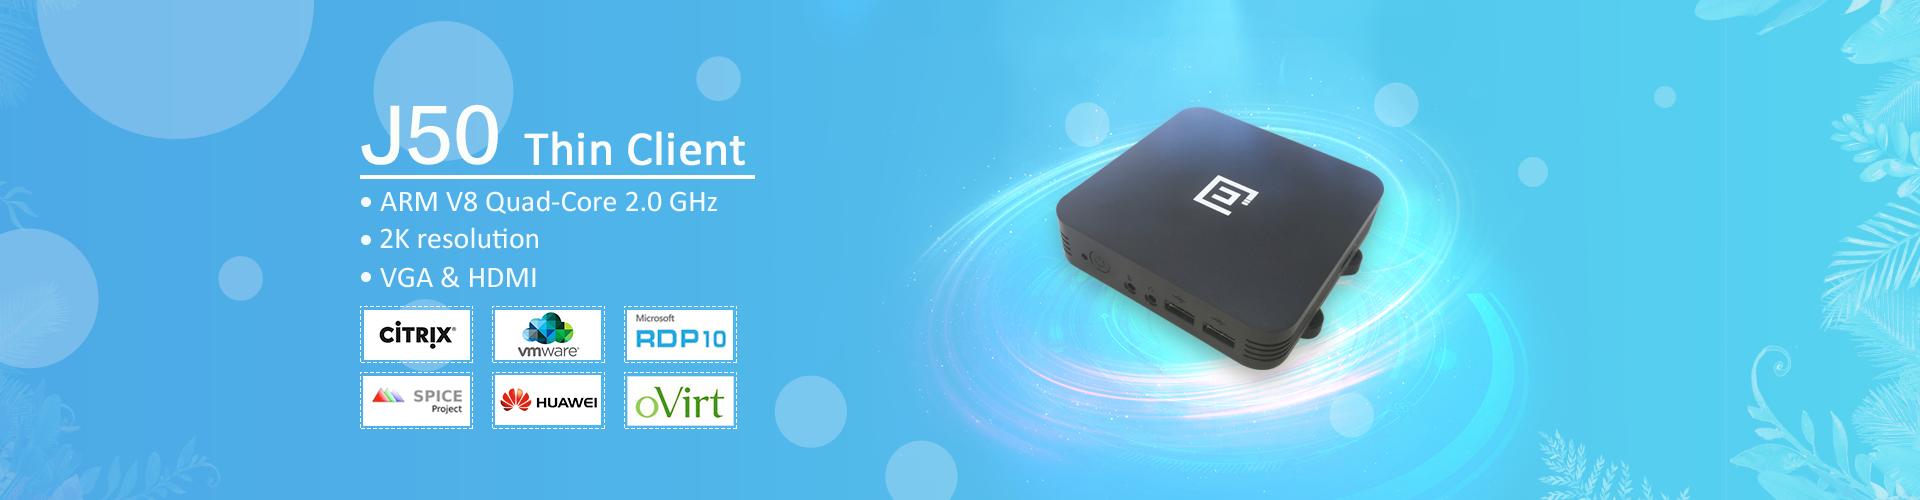 JYOS - Zero Client | Thin Client | Cloud Computer | oVirt